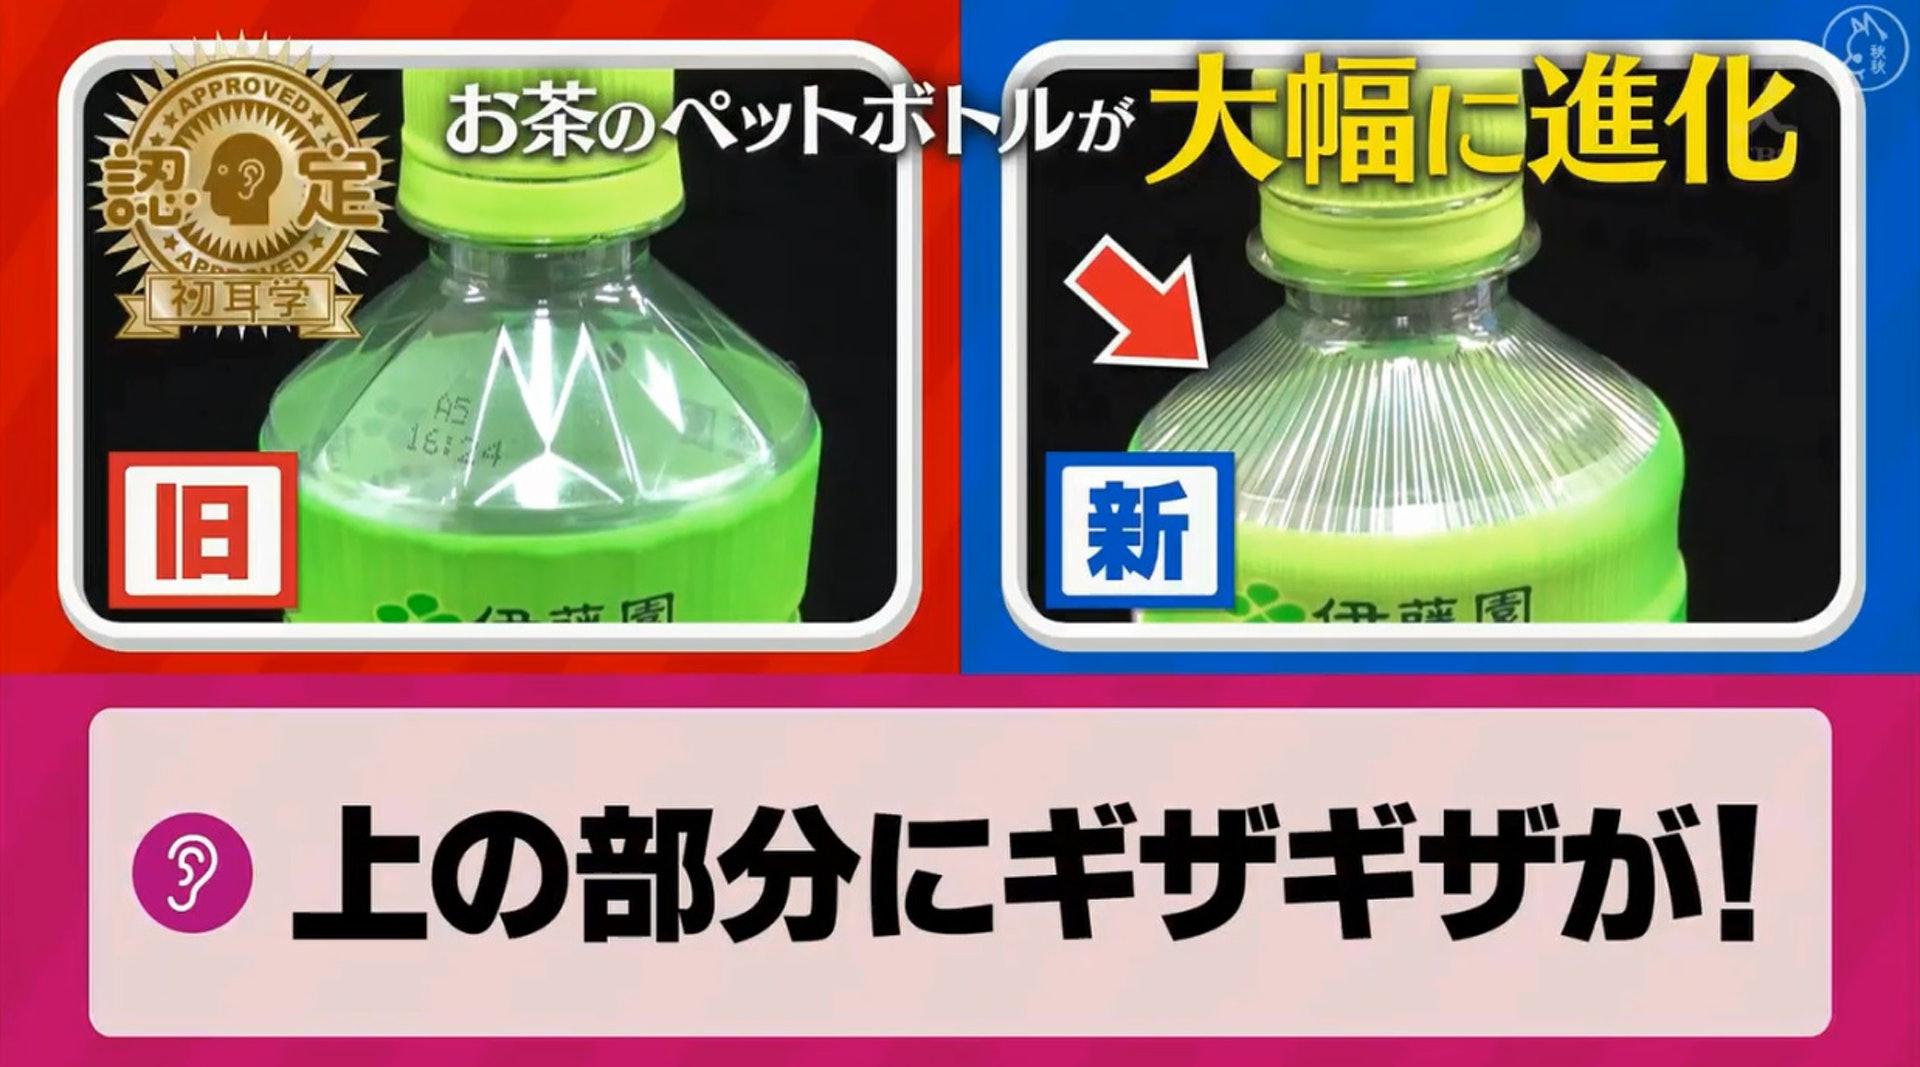 日本便利店的膠樽綠茶包裝,自去年5月開始有大幅度的變化。(節目截圖)